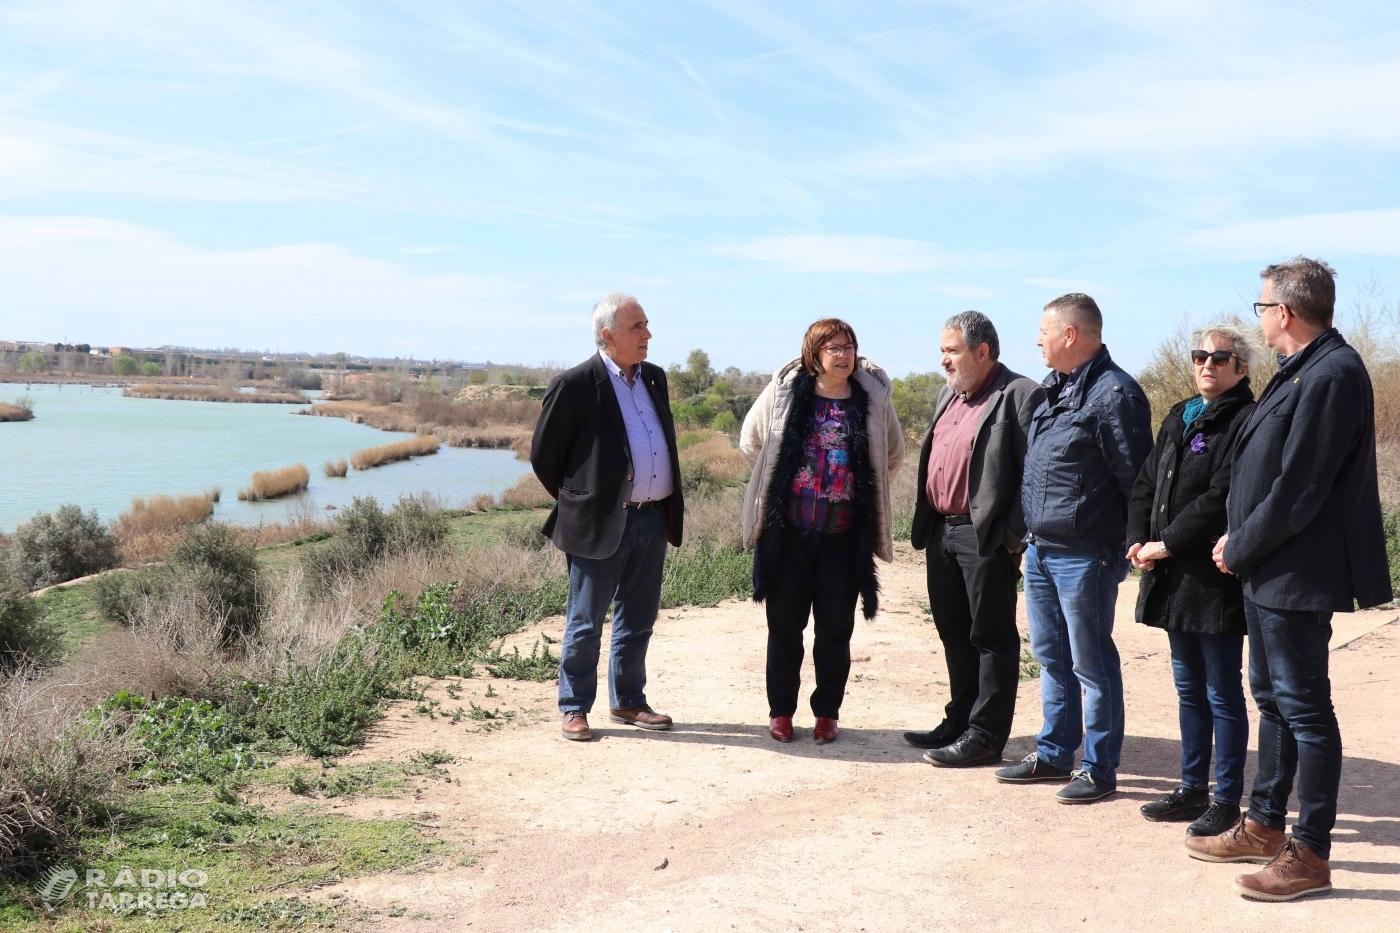 Acord per culminar l'adequació de Cal Sinén a l'Estany d'Ivars i Vila-sana